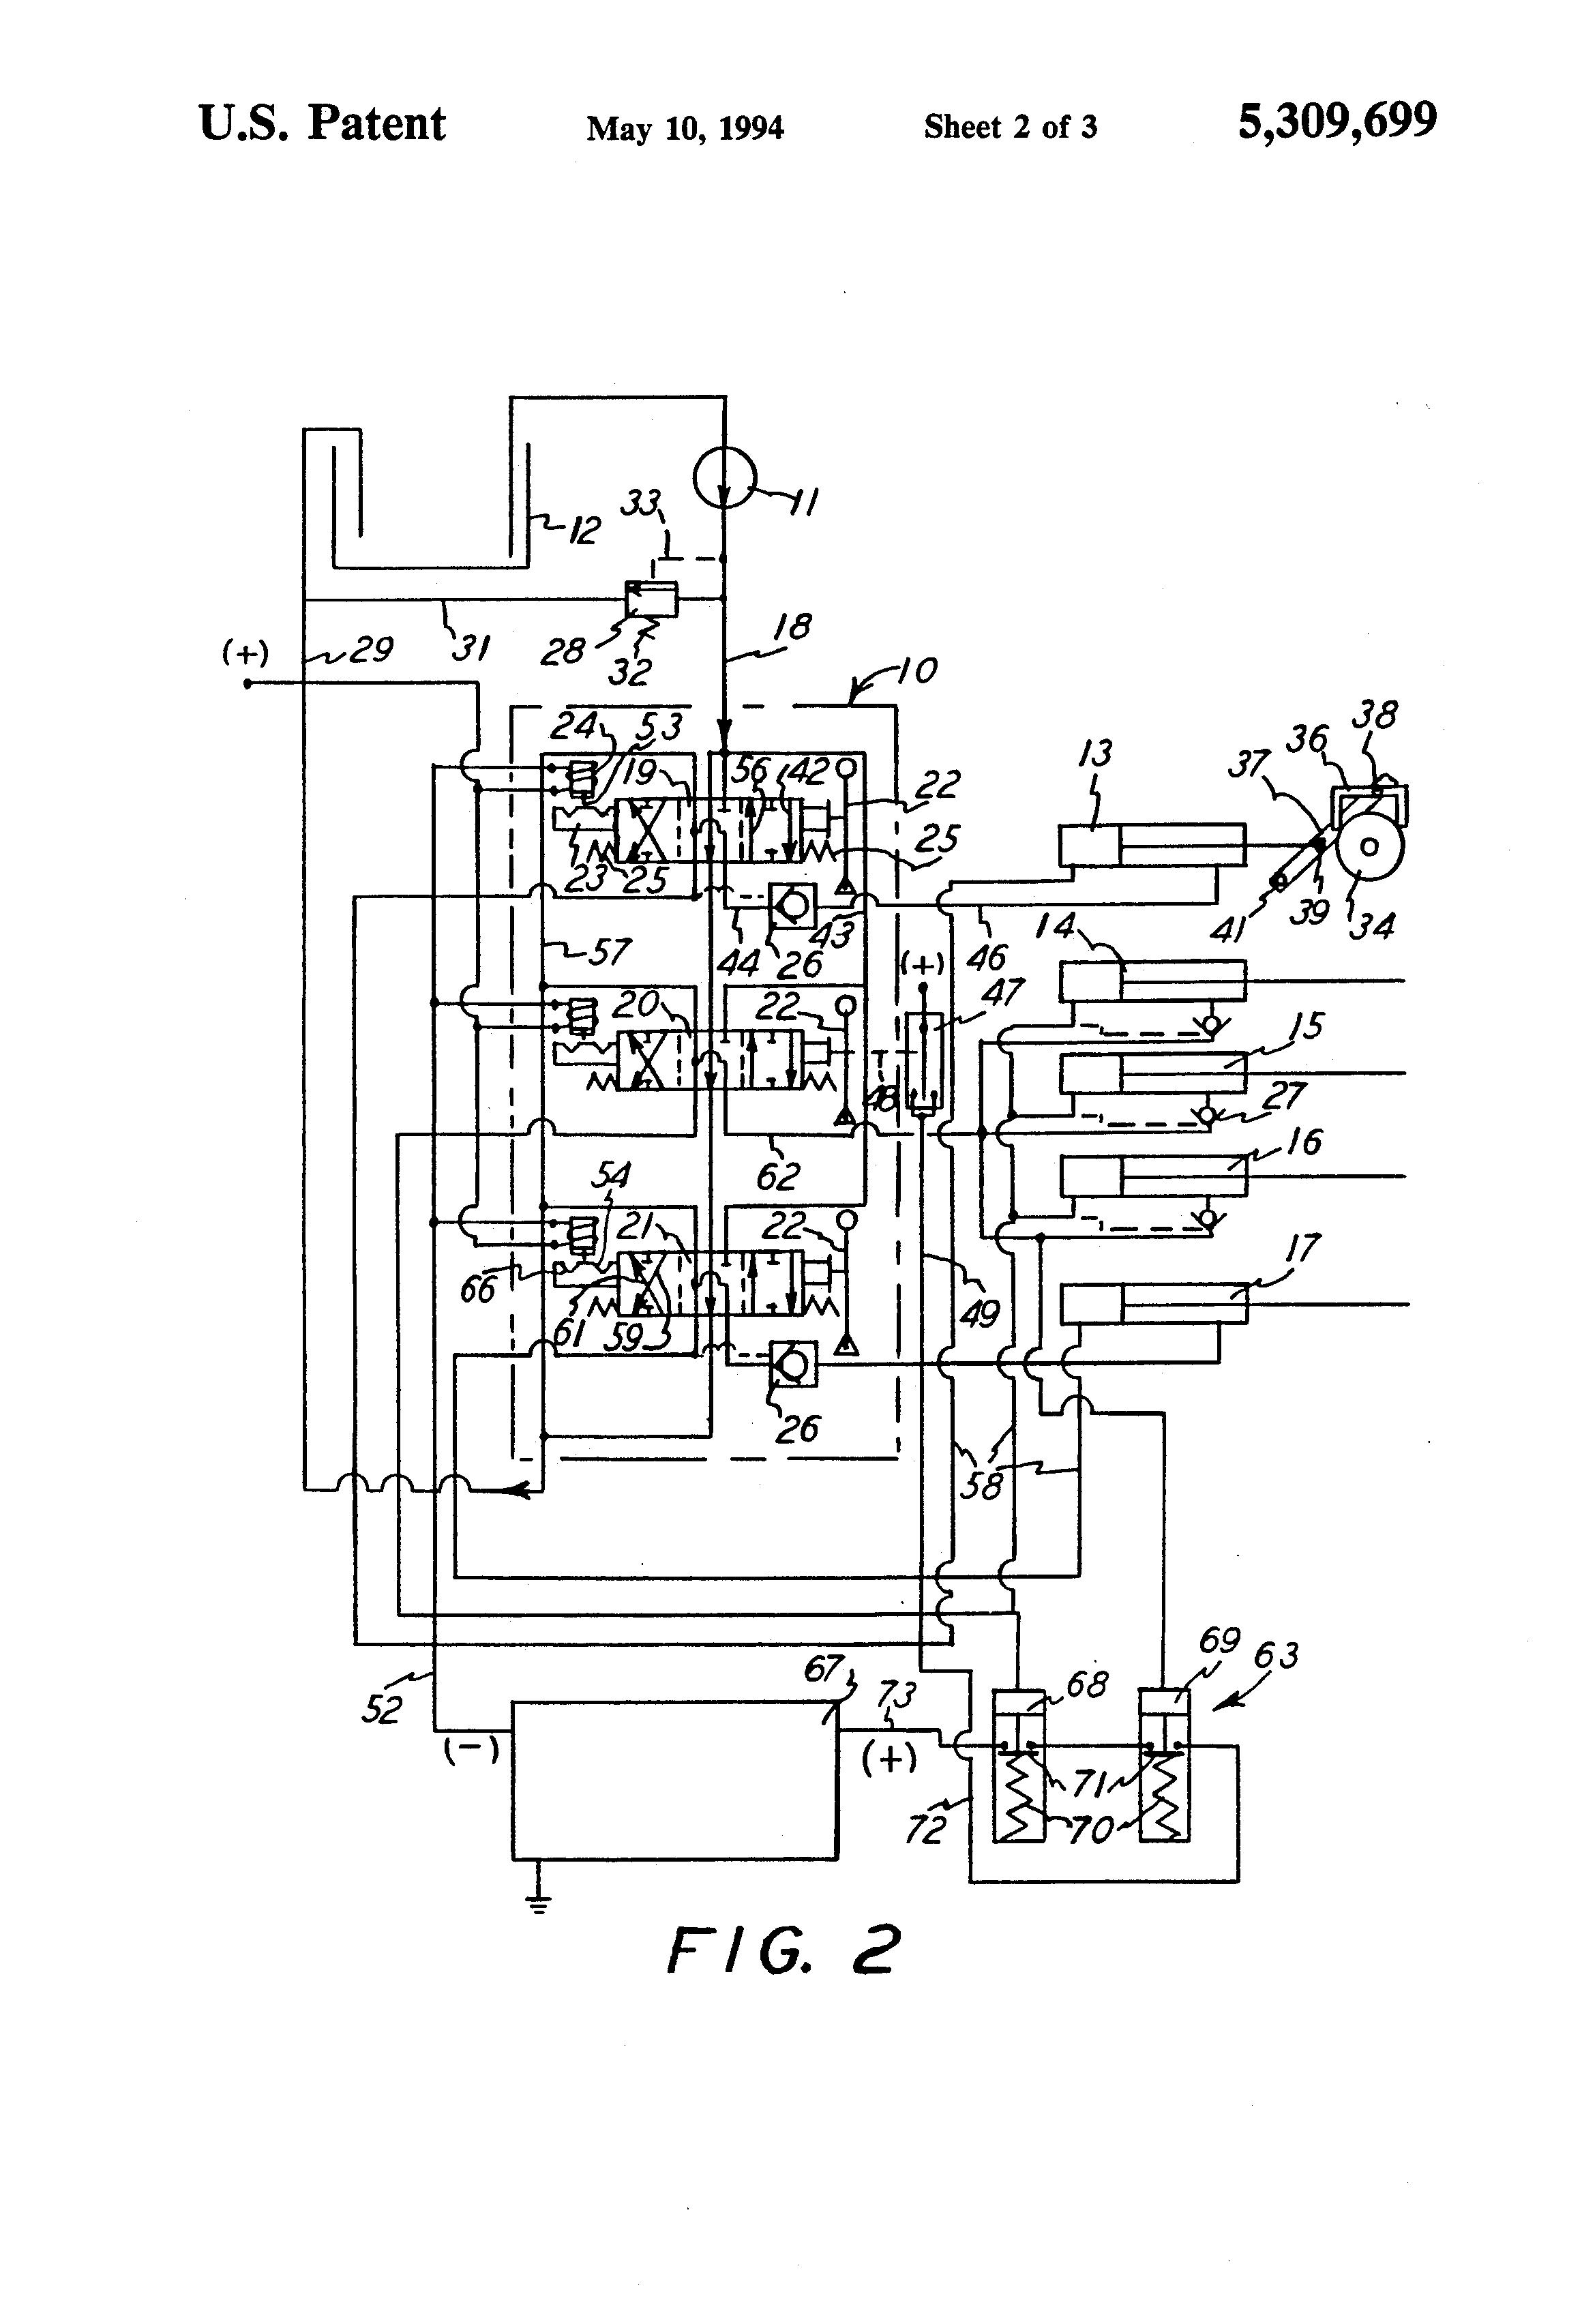 case backhoe wiring diagram case automotive wiring diagrams description us5309699 2 case backhoe wiring diagram